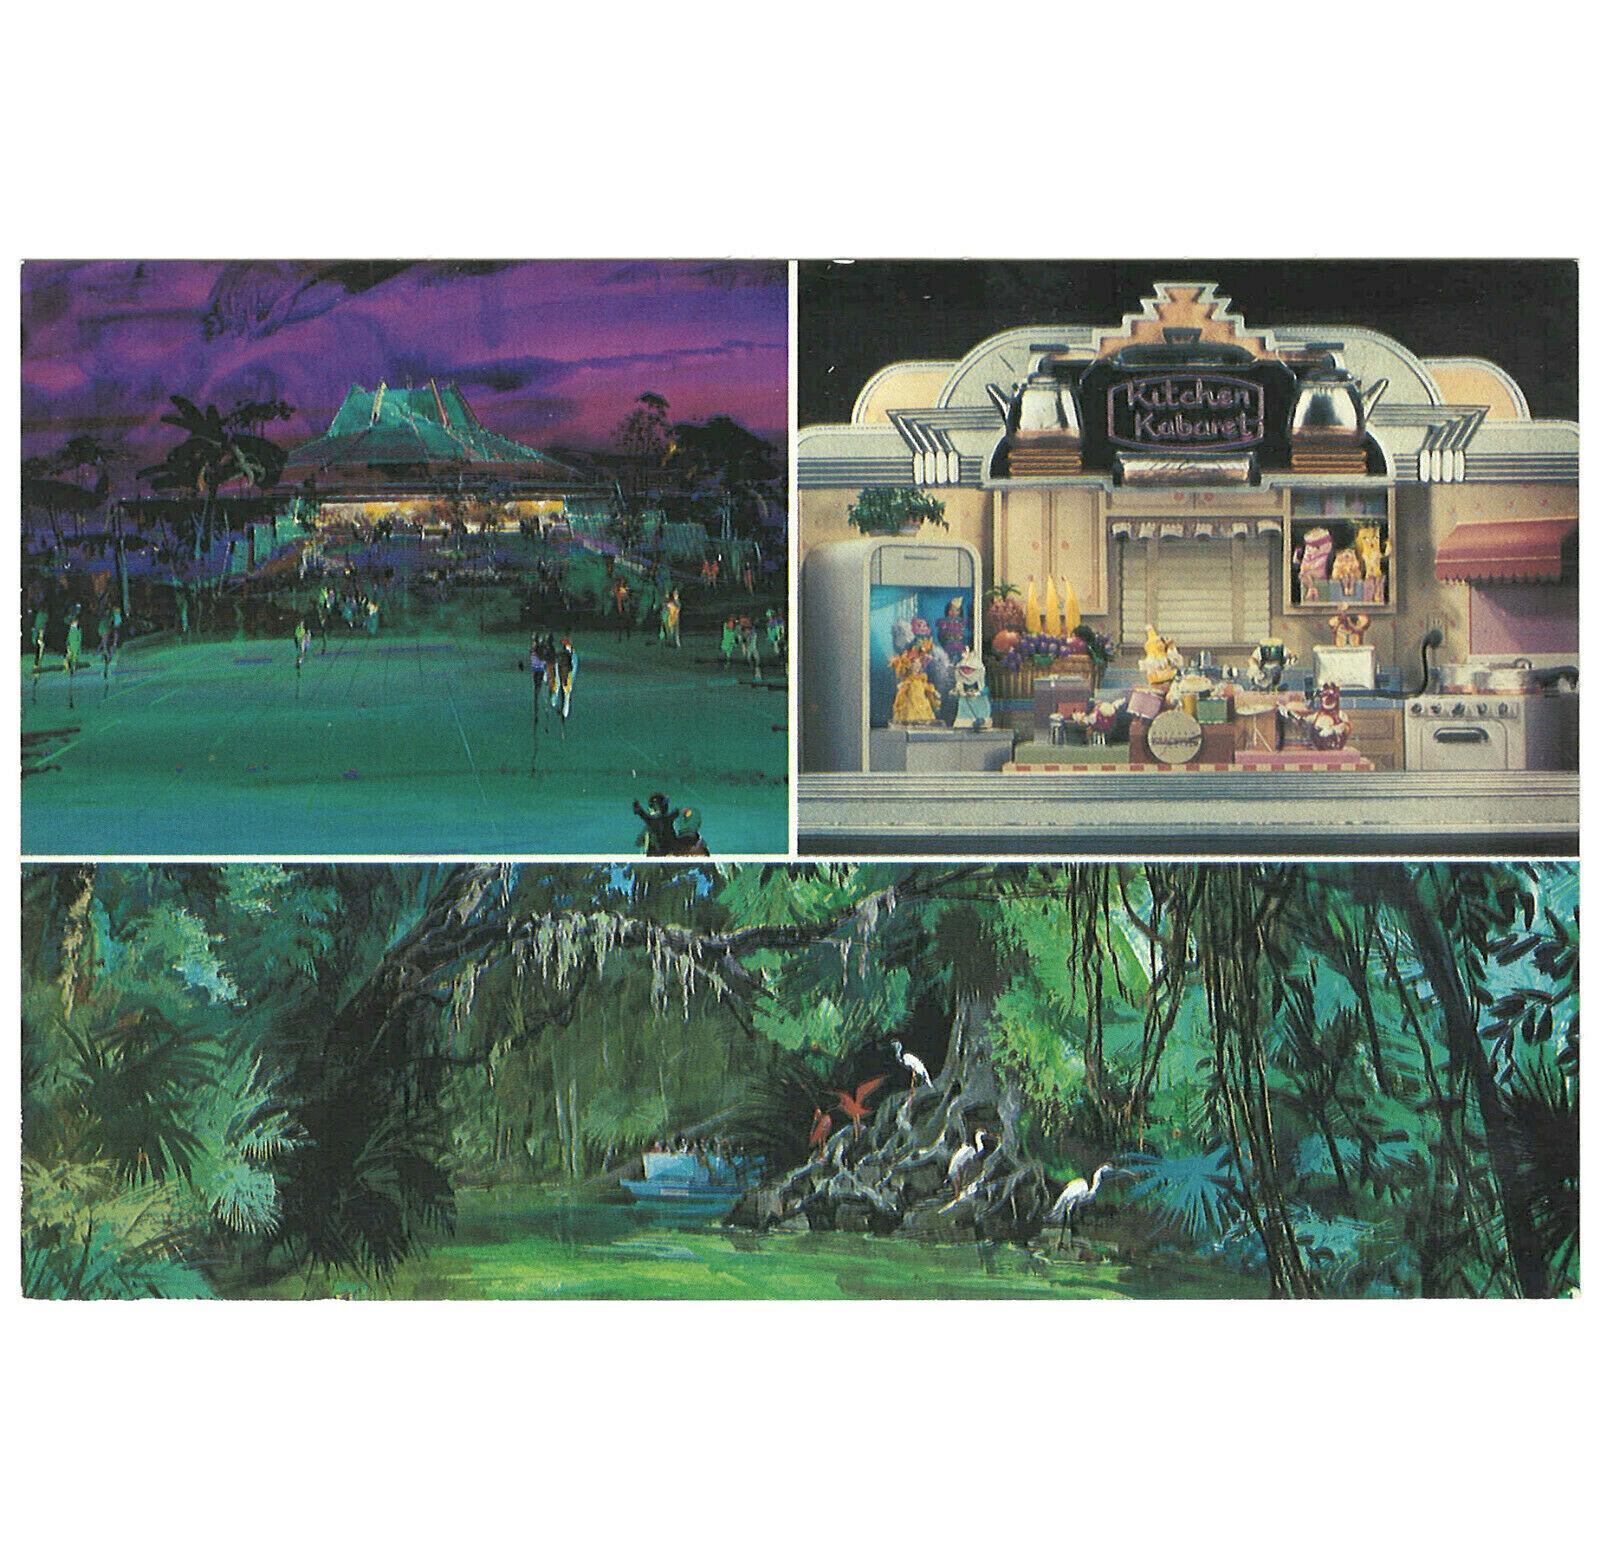 Disney Unused Postcard Wdw Epcot Pre Opening Artist Rendition Kitchen Kabaret Ebay